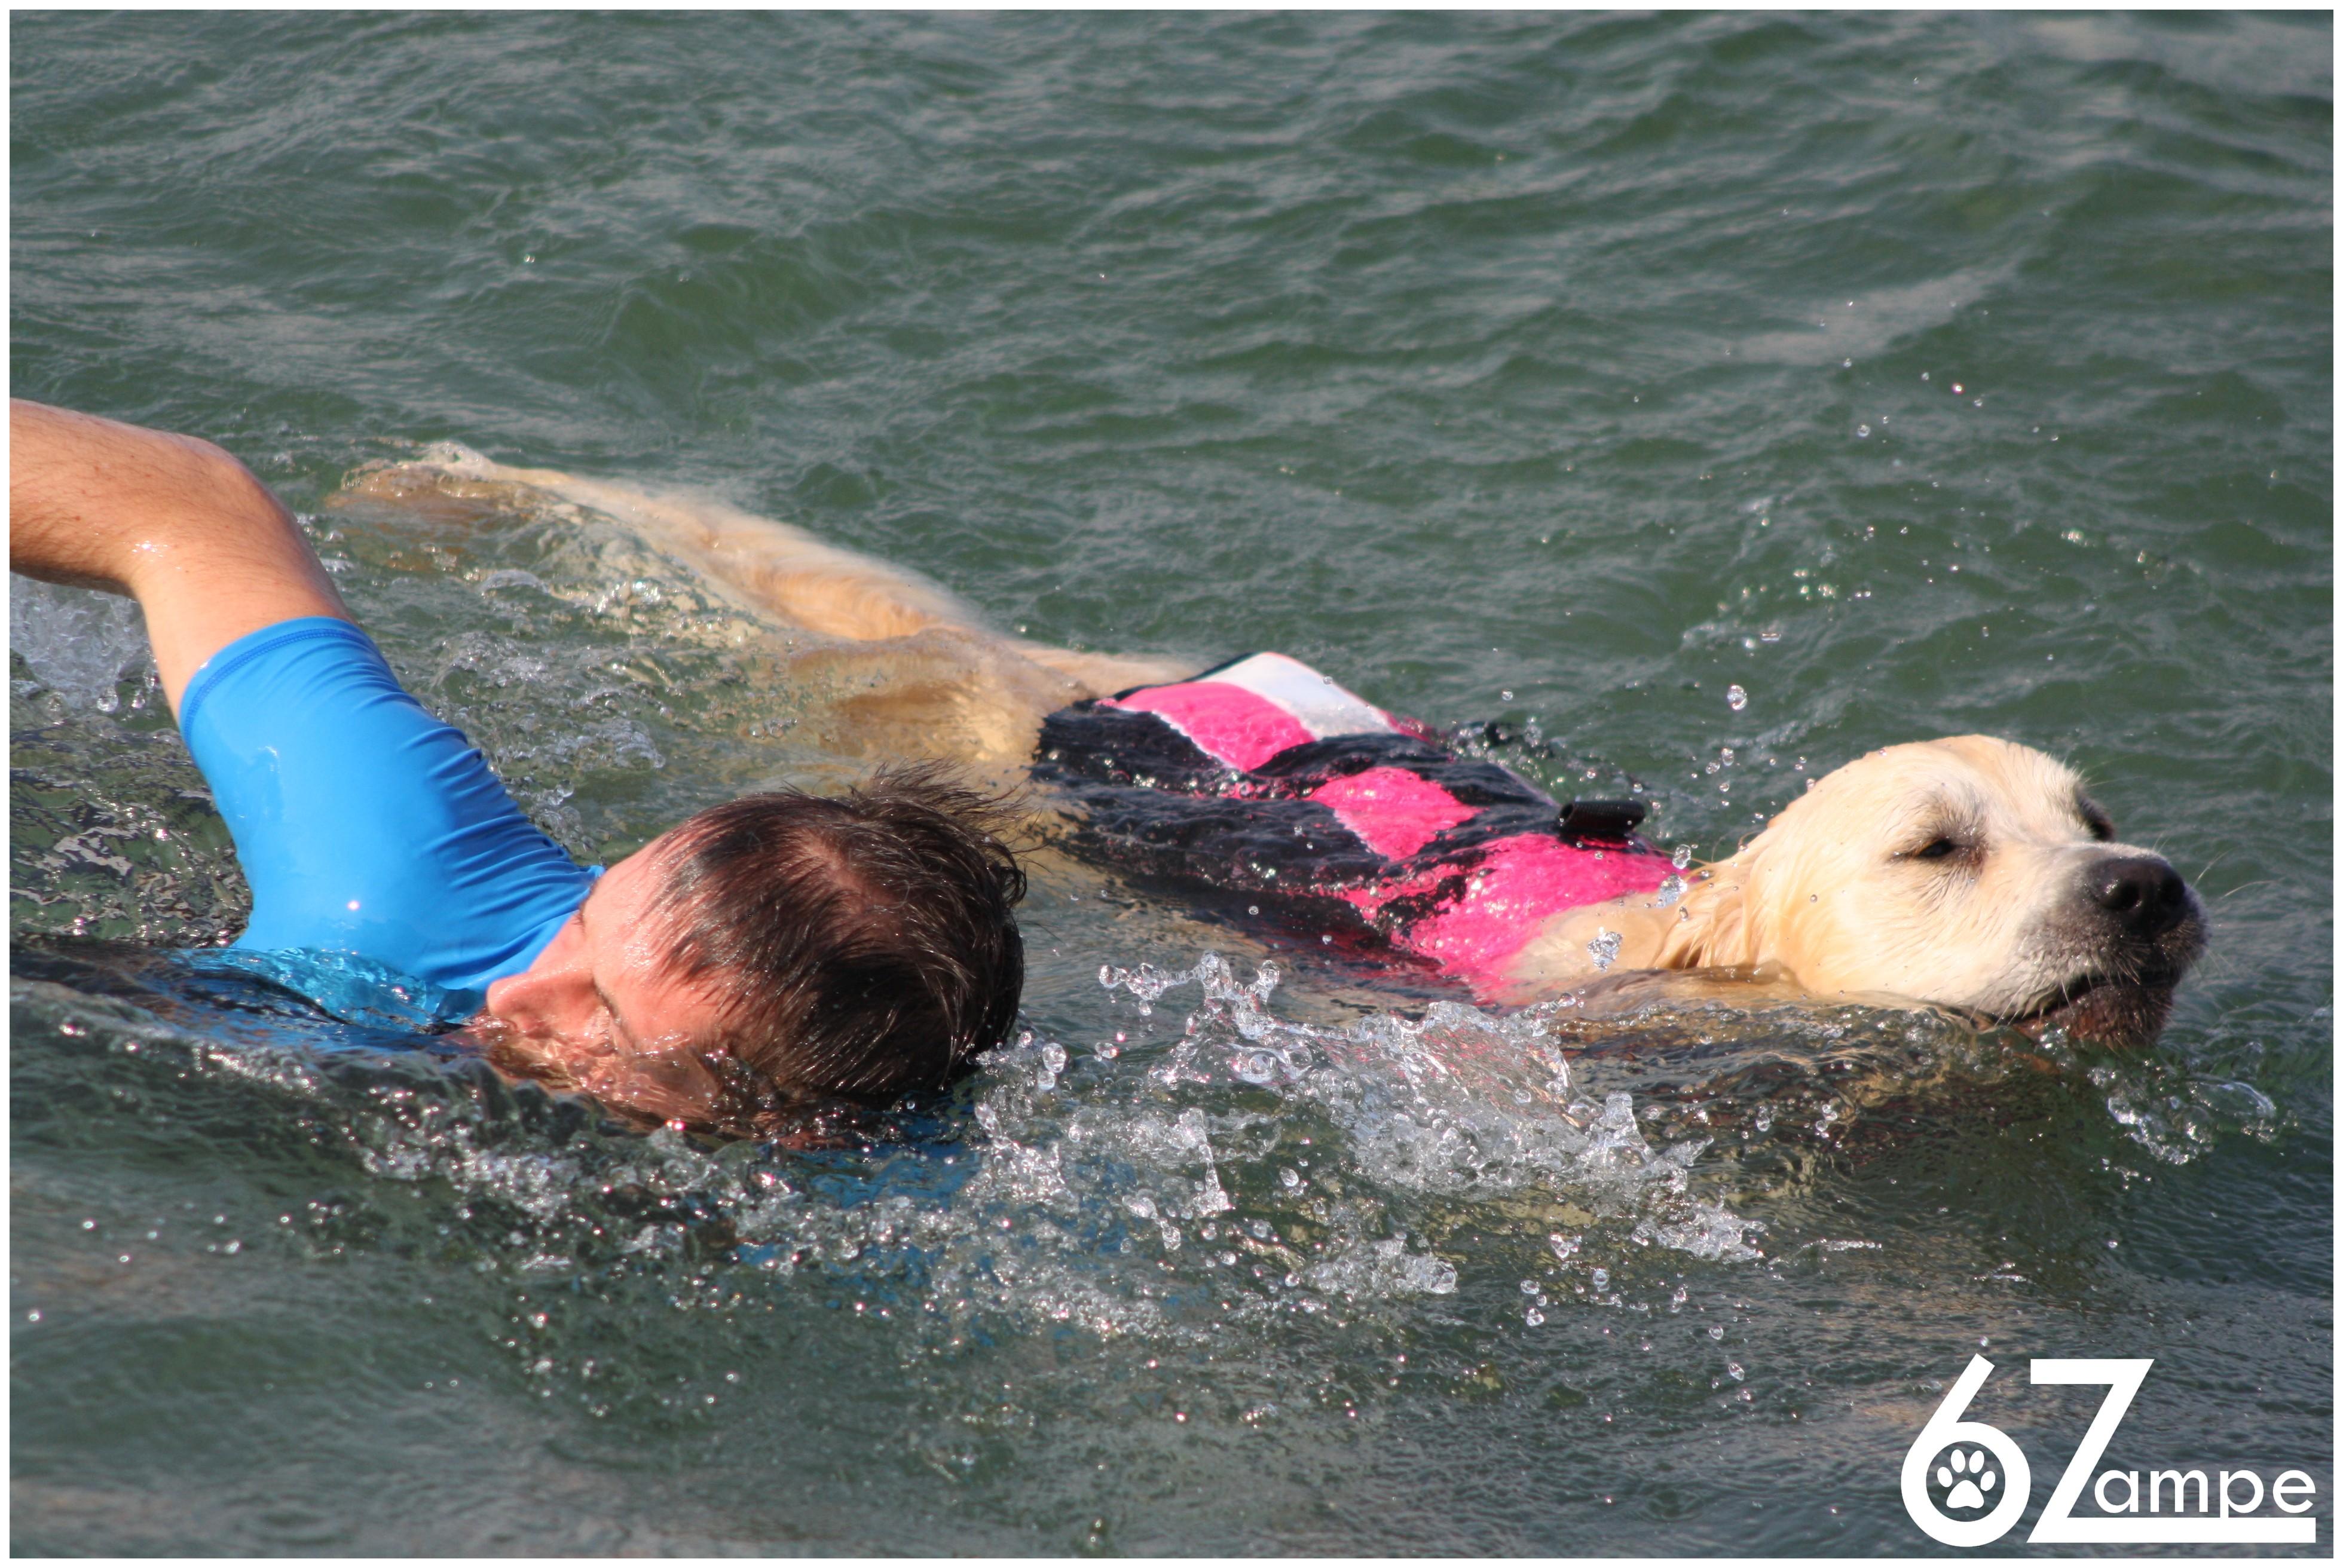 Corso Approccio all'Acqua per Cani Adolescenti e Adulti @ Vicino al lido La Spiaggetta | Iseo | Lombardia | Italia